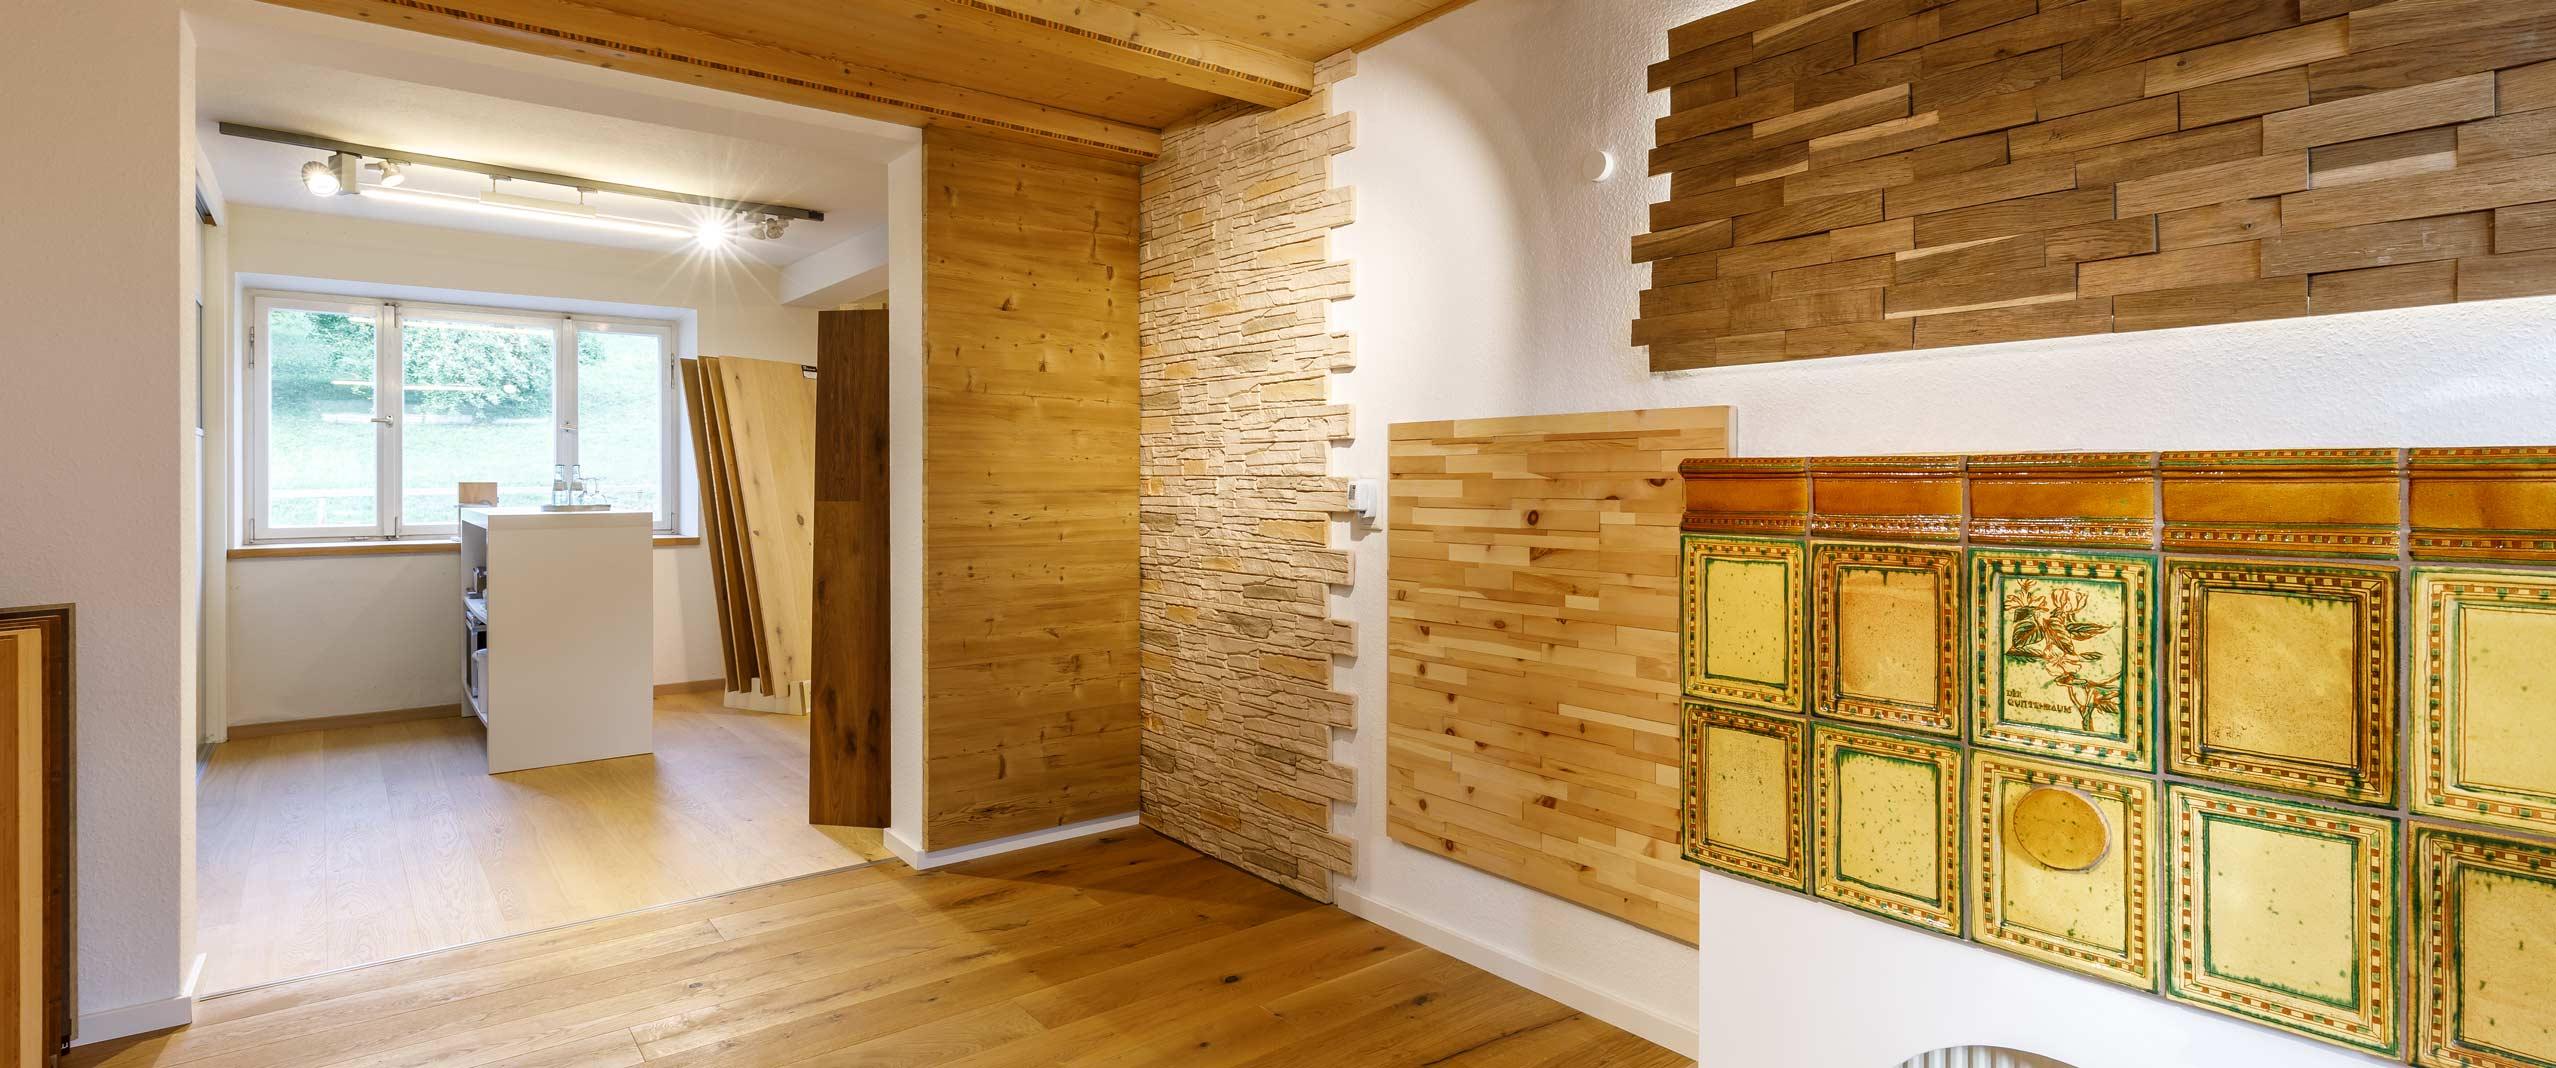 Sehr Wand und Decke | Holz Pirner GmbH | Pommelsbrunn GM35